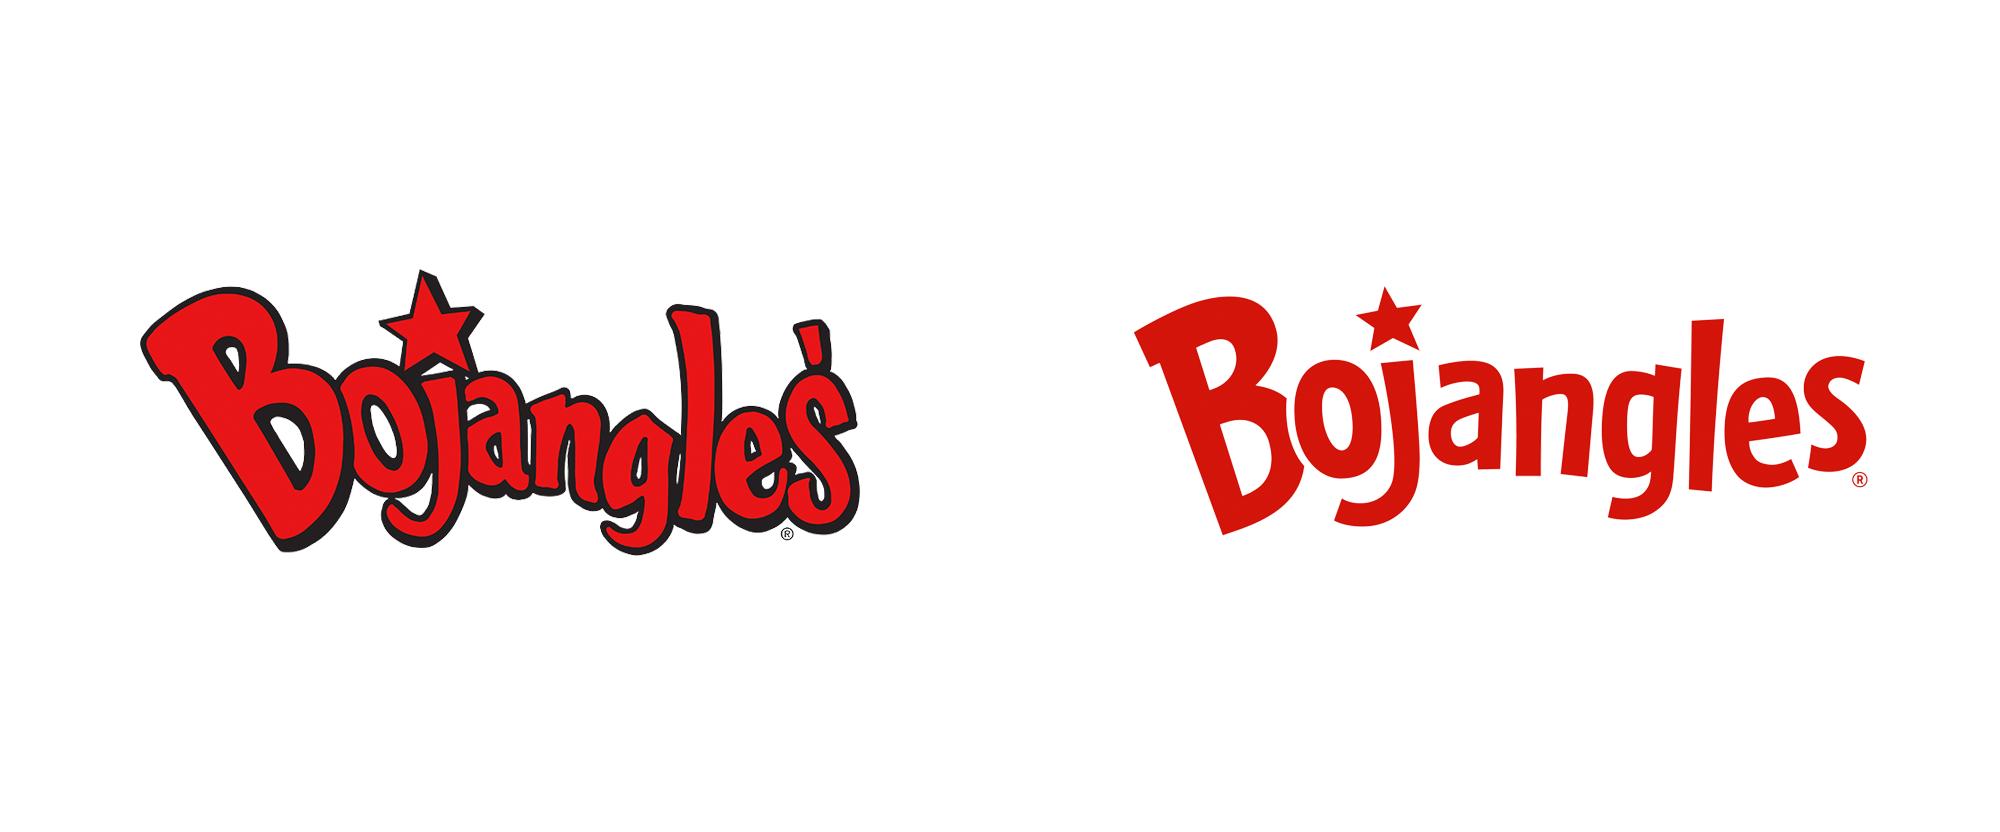 New Logo for Bojangles'